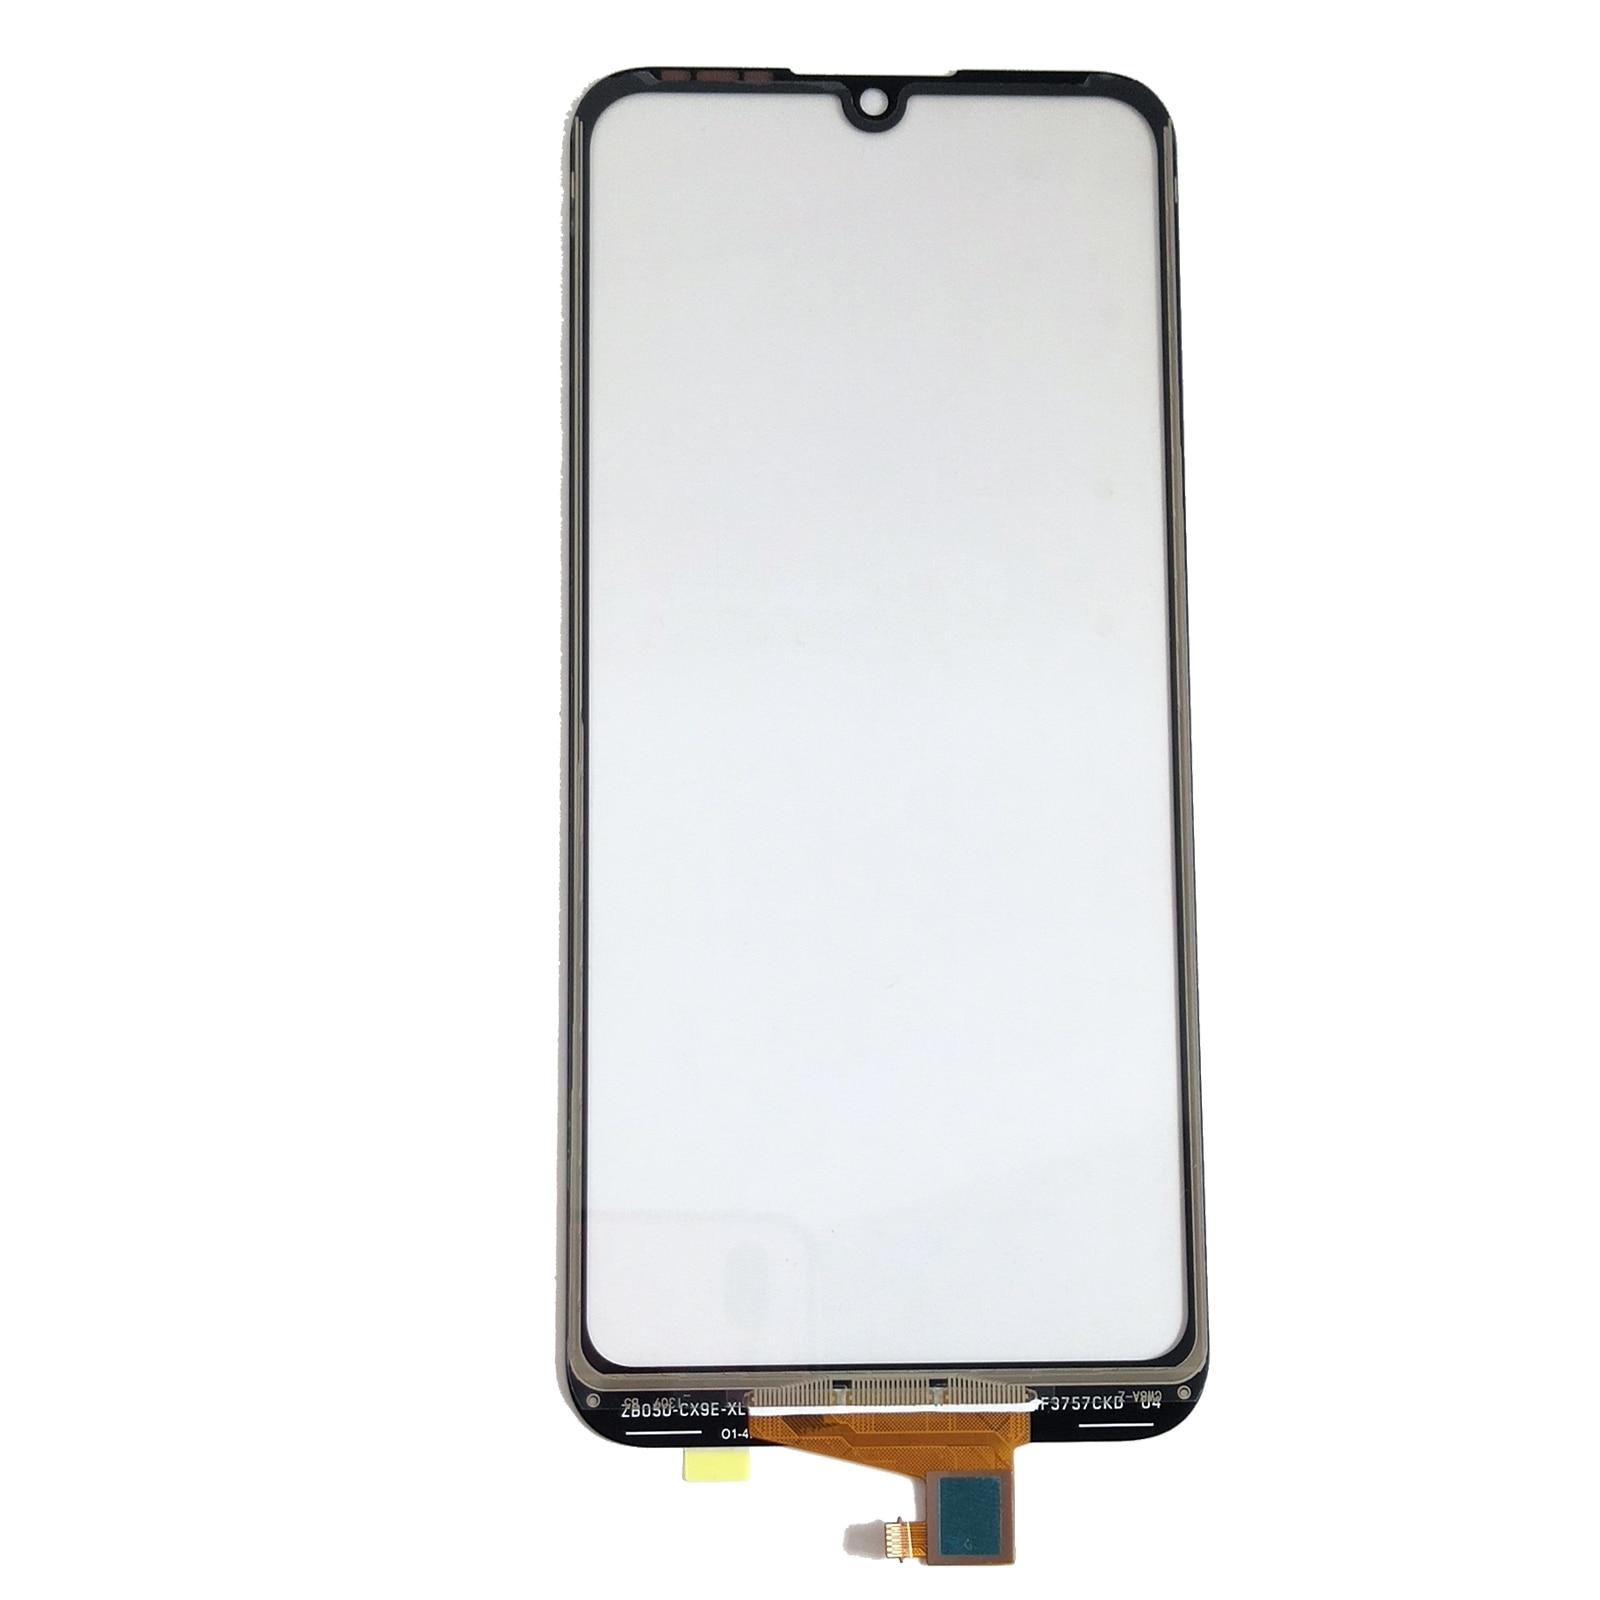 """רשימת הקטגוריות Shyueda 100% בניו 6.09"""" עבור Huawei Y6 / ראש Y6 2019 MRD-LX1 LX1F Outer קדמי מסך זכוכית Touch (3)"""